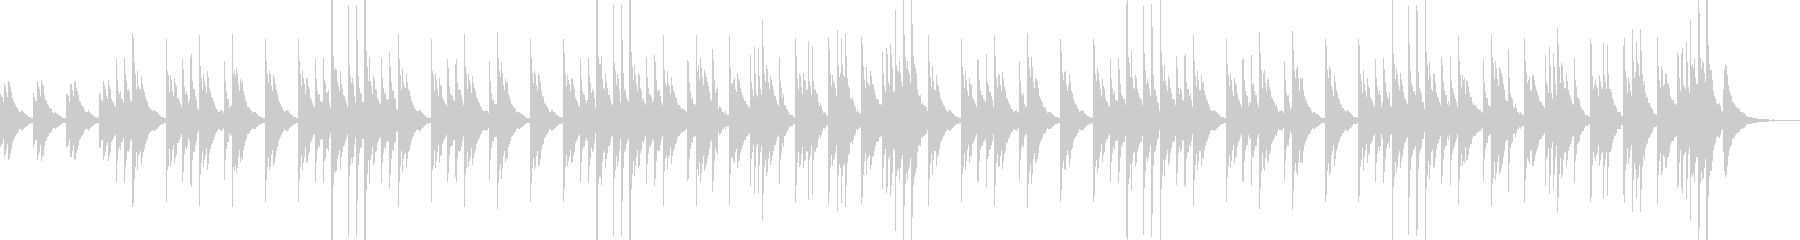 透明な音色が優しいクリスタルバラードの未再生の波形